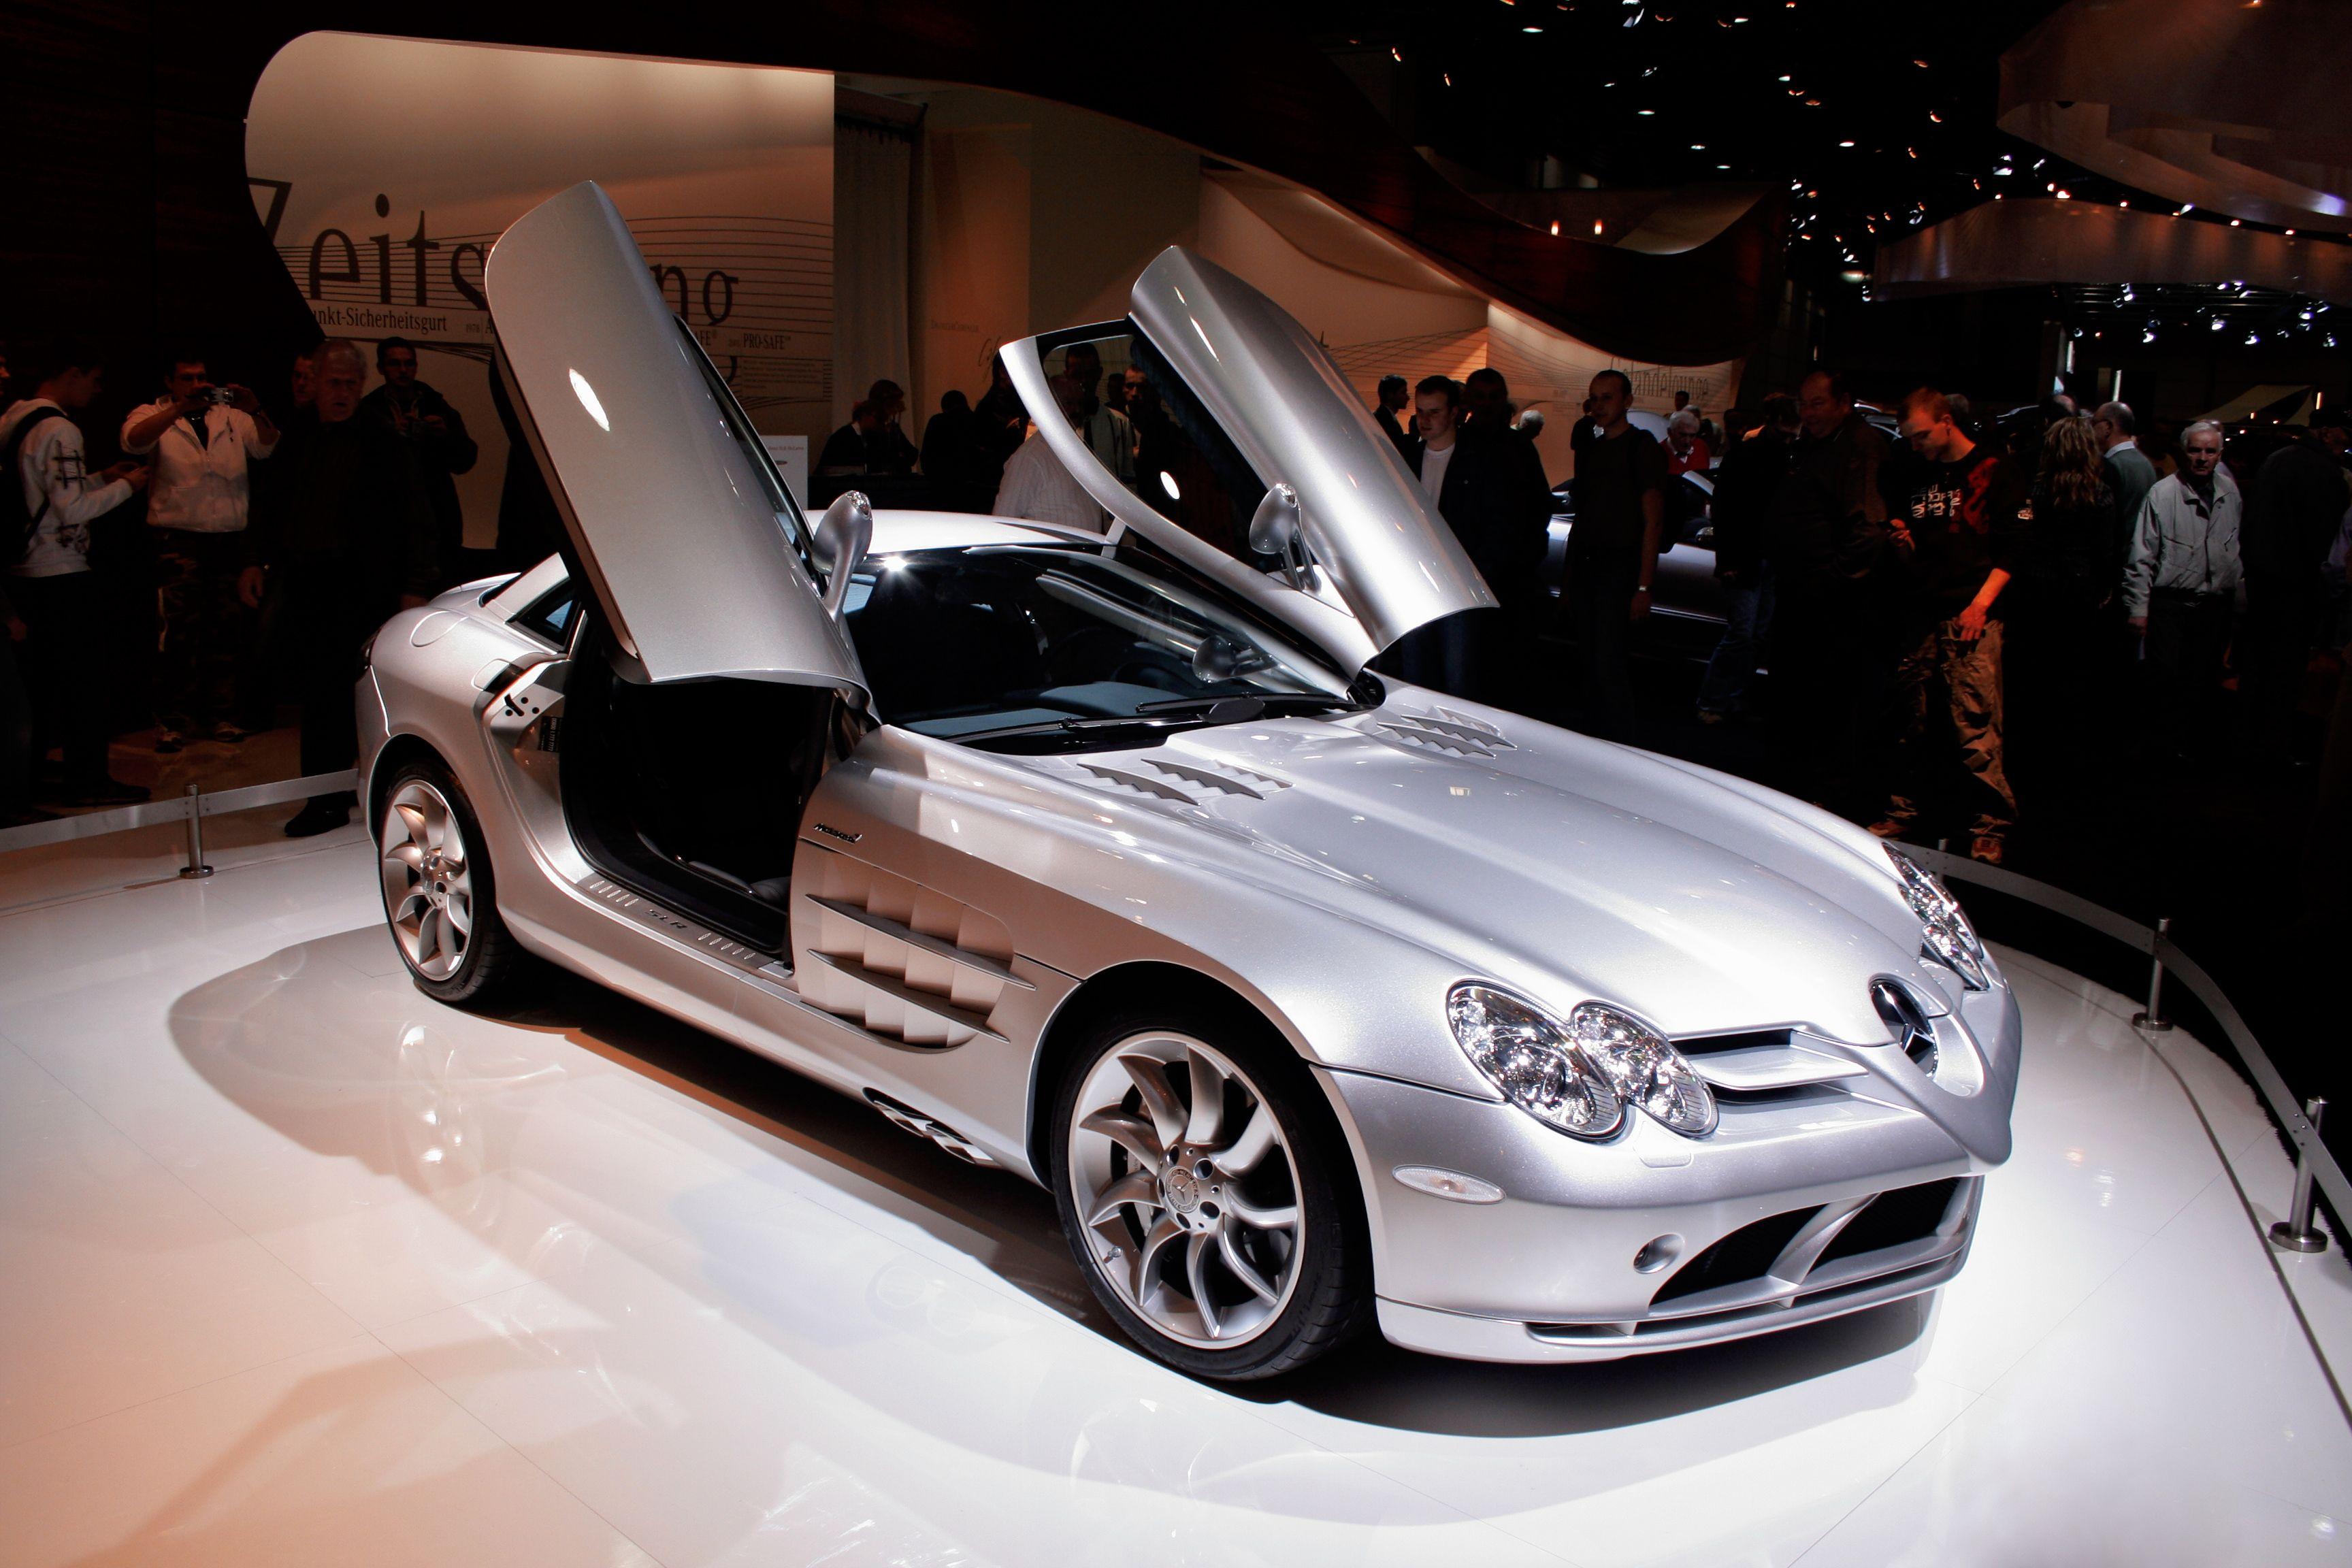 shutterstock_Mercedes-Benz SLR McLaren